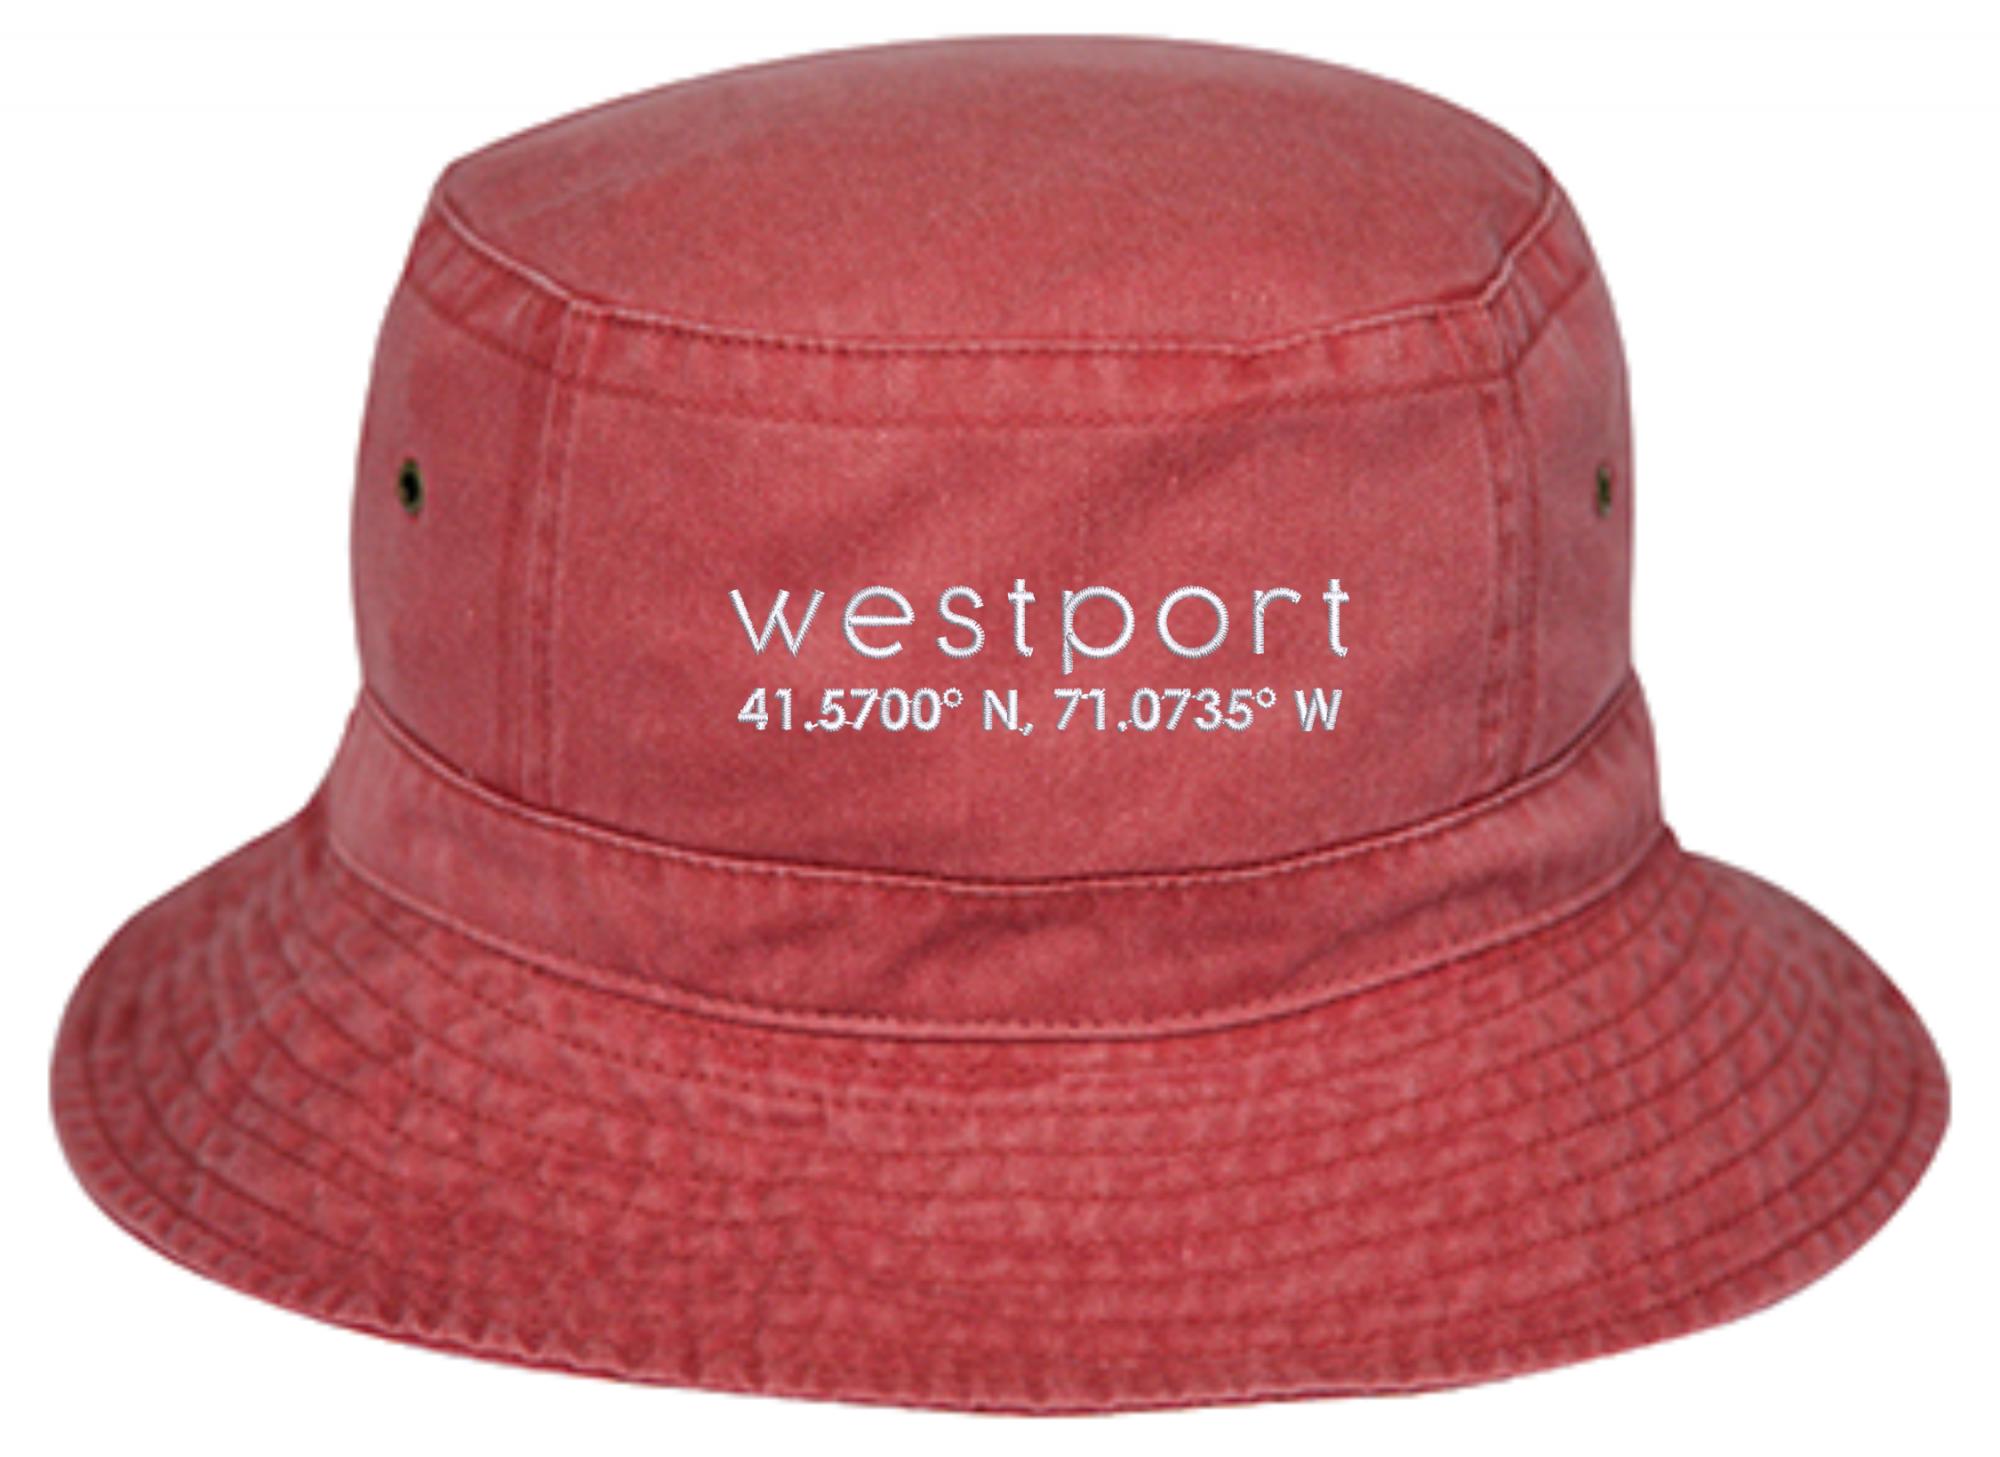 Westport Bucket Hat - Washed Red